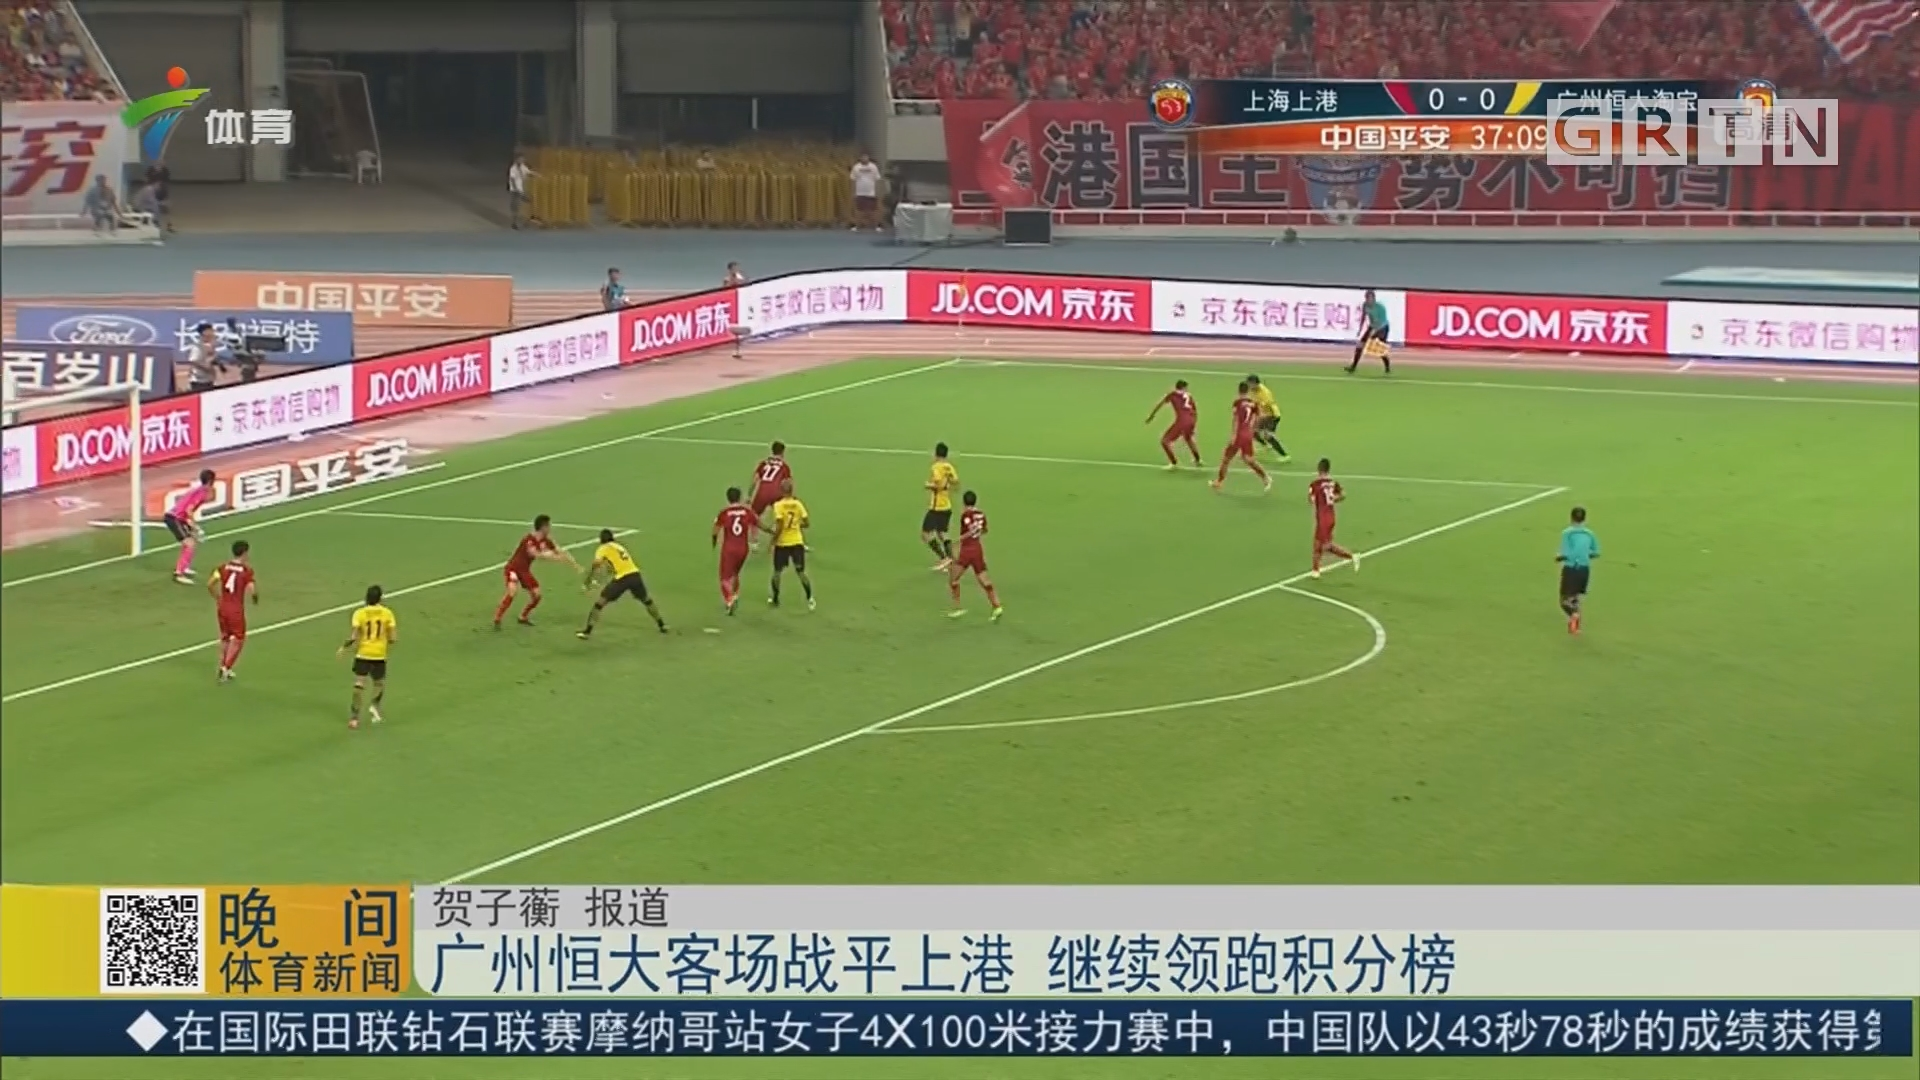 广州恒大客场战平上港 继续领跑积分榜